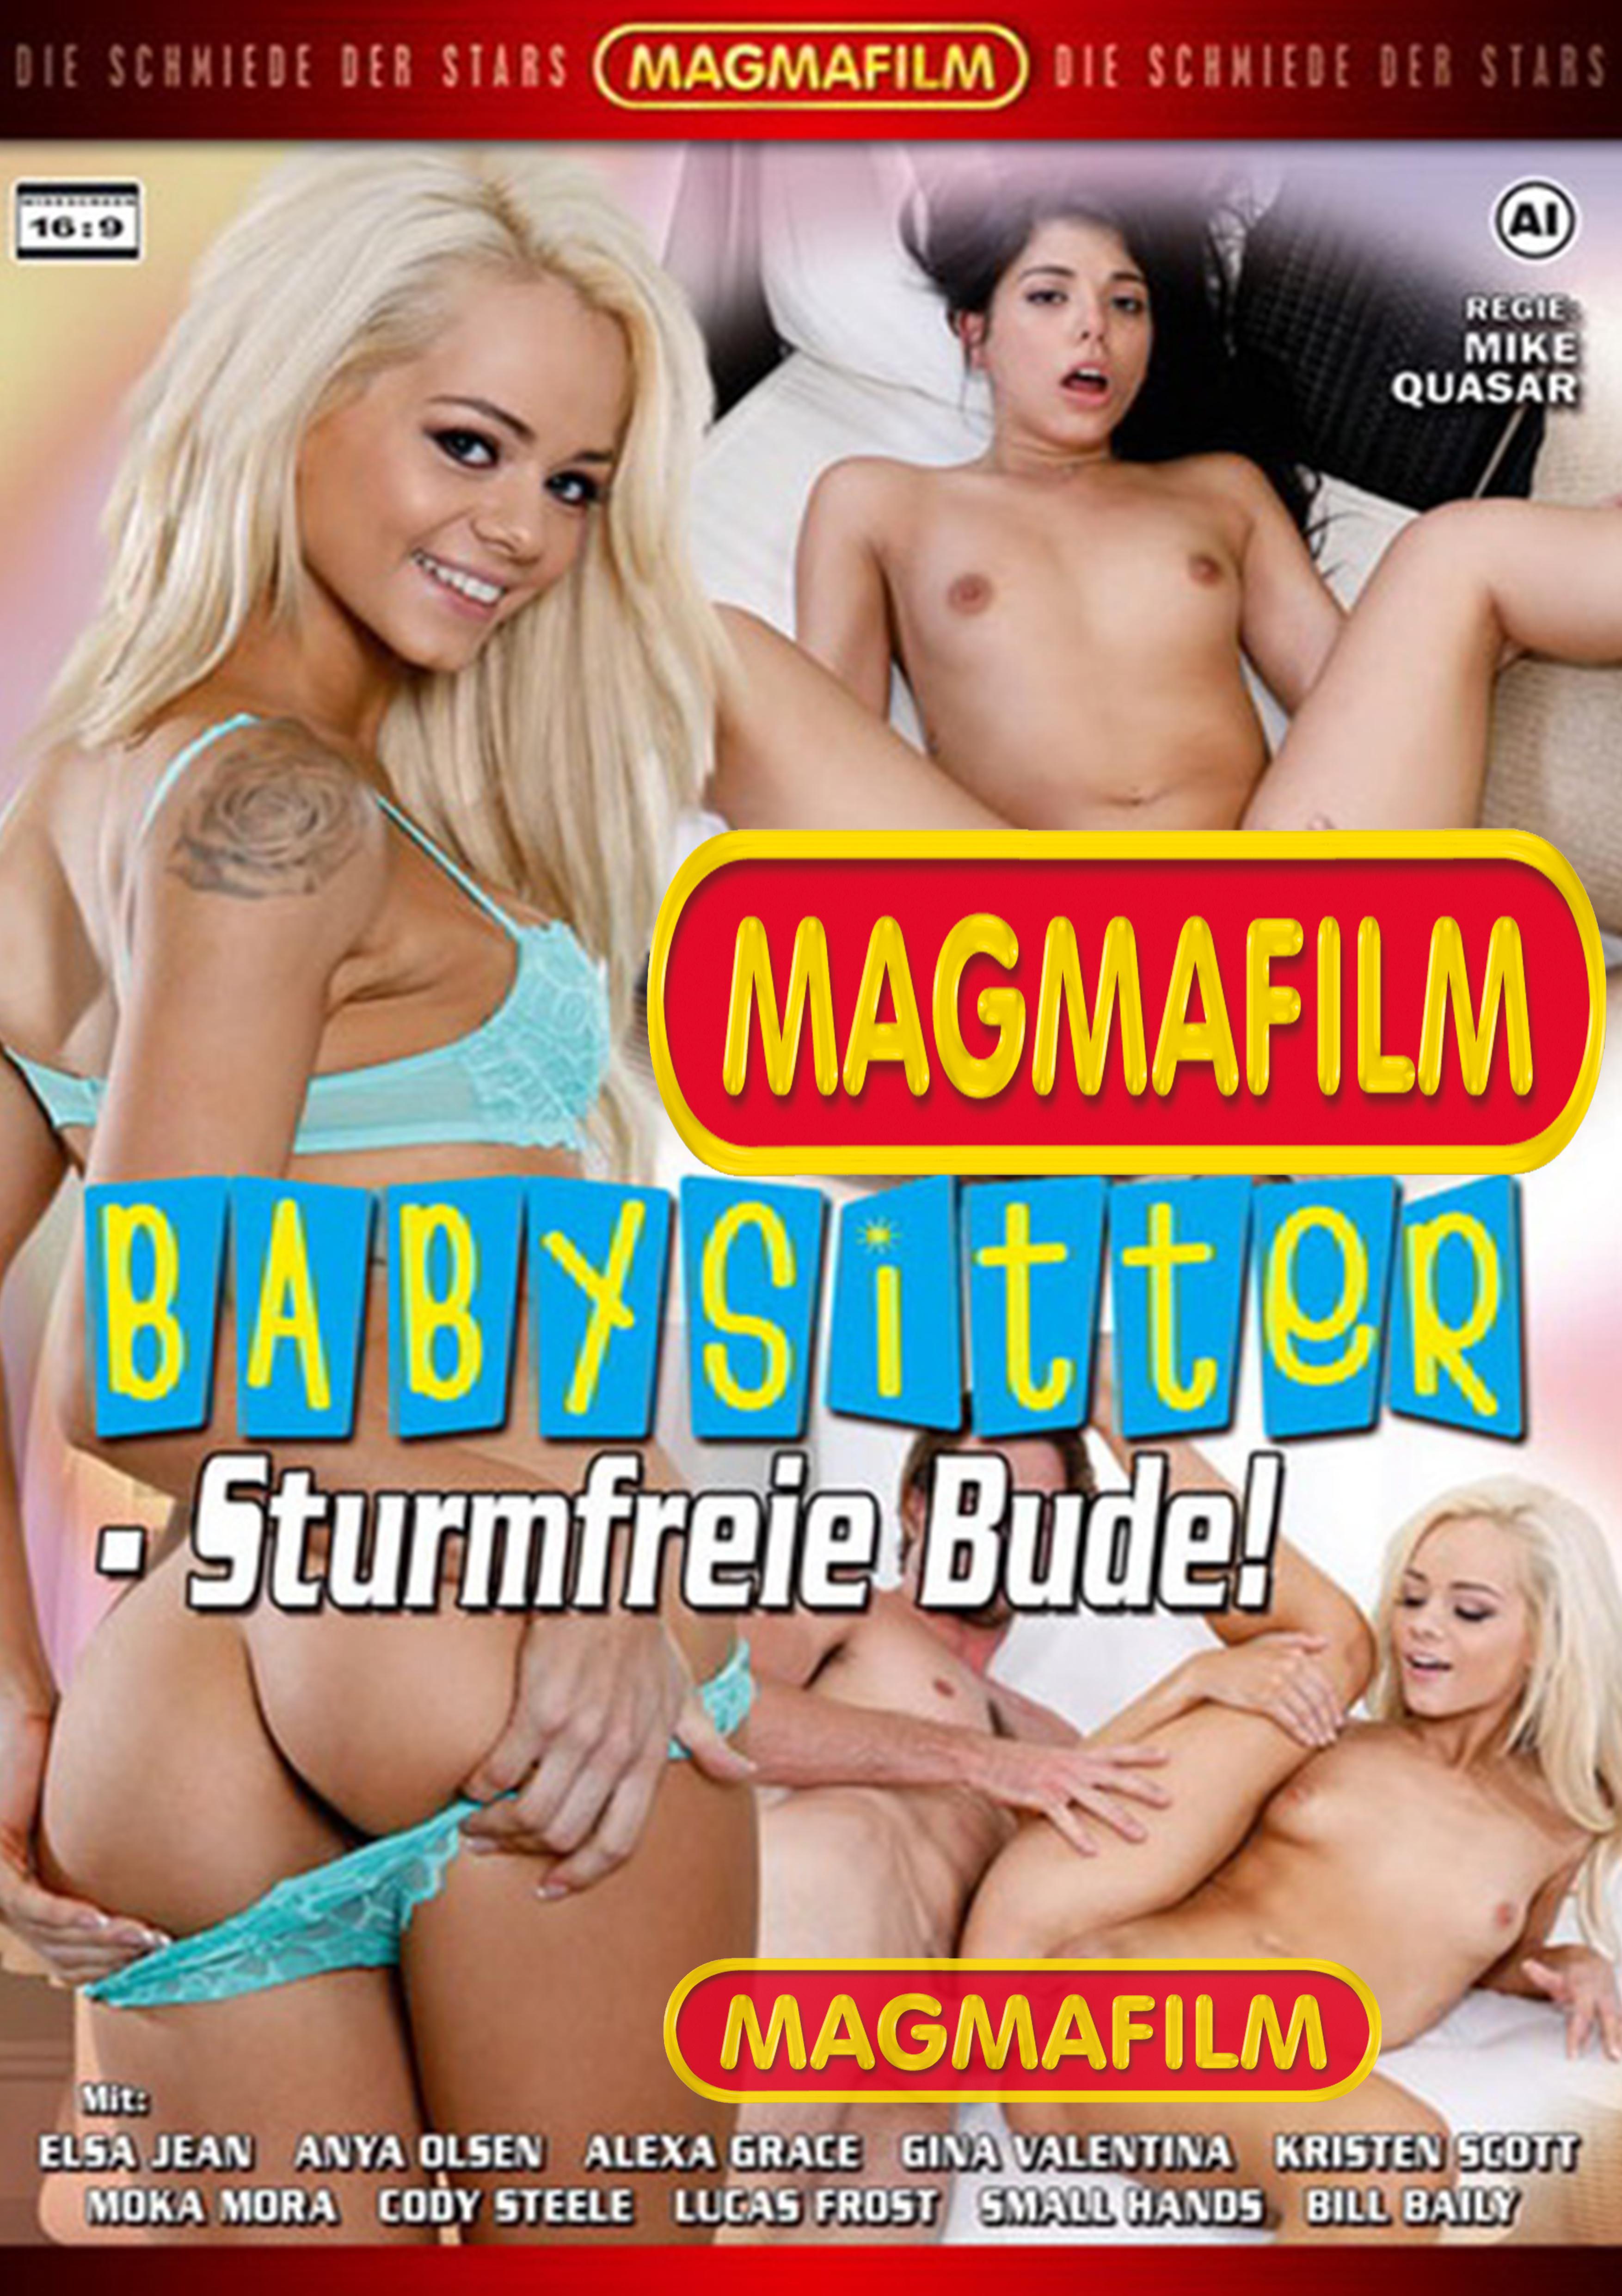 Babysitter Sturmfreie Bude